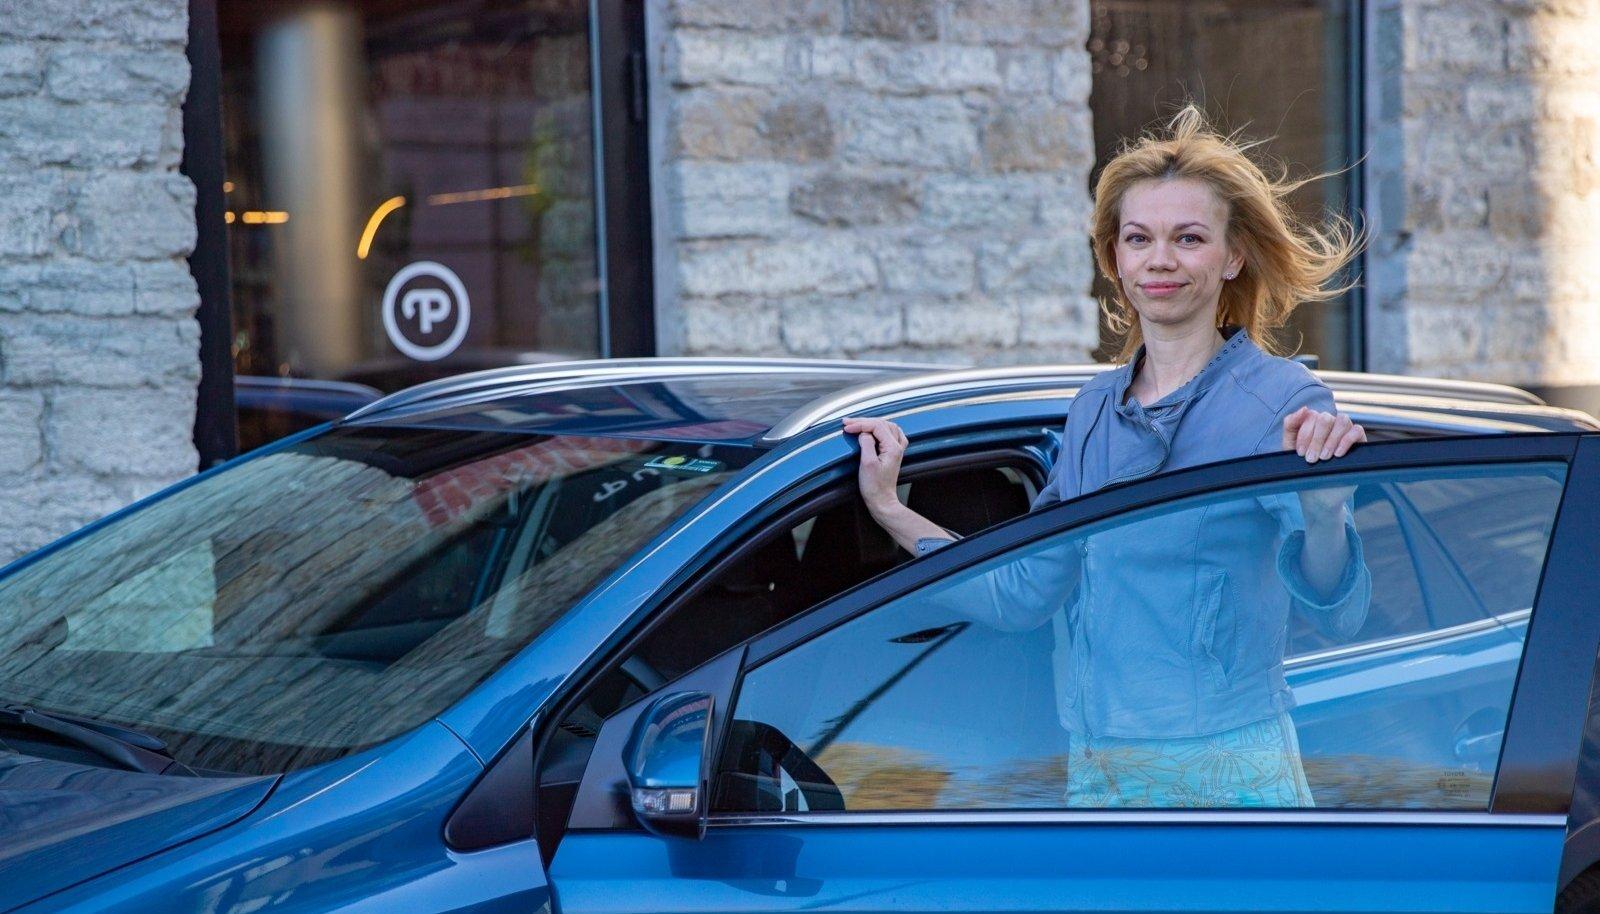 Toyota Balticu kommunikatsioonijuhi Liisi Kõivumäe sõnul on huvi hübriidsõidukite vastu suurenenud käsikäes diiselautode müügi vähenemisega.